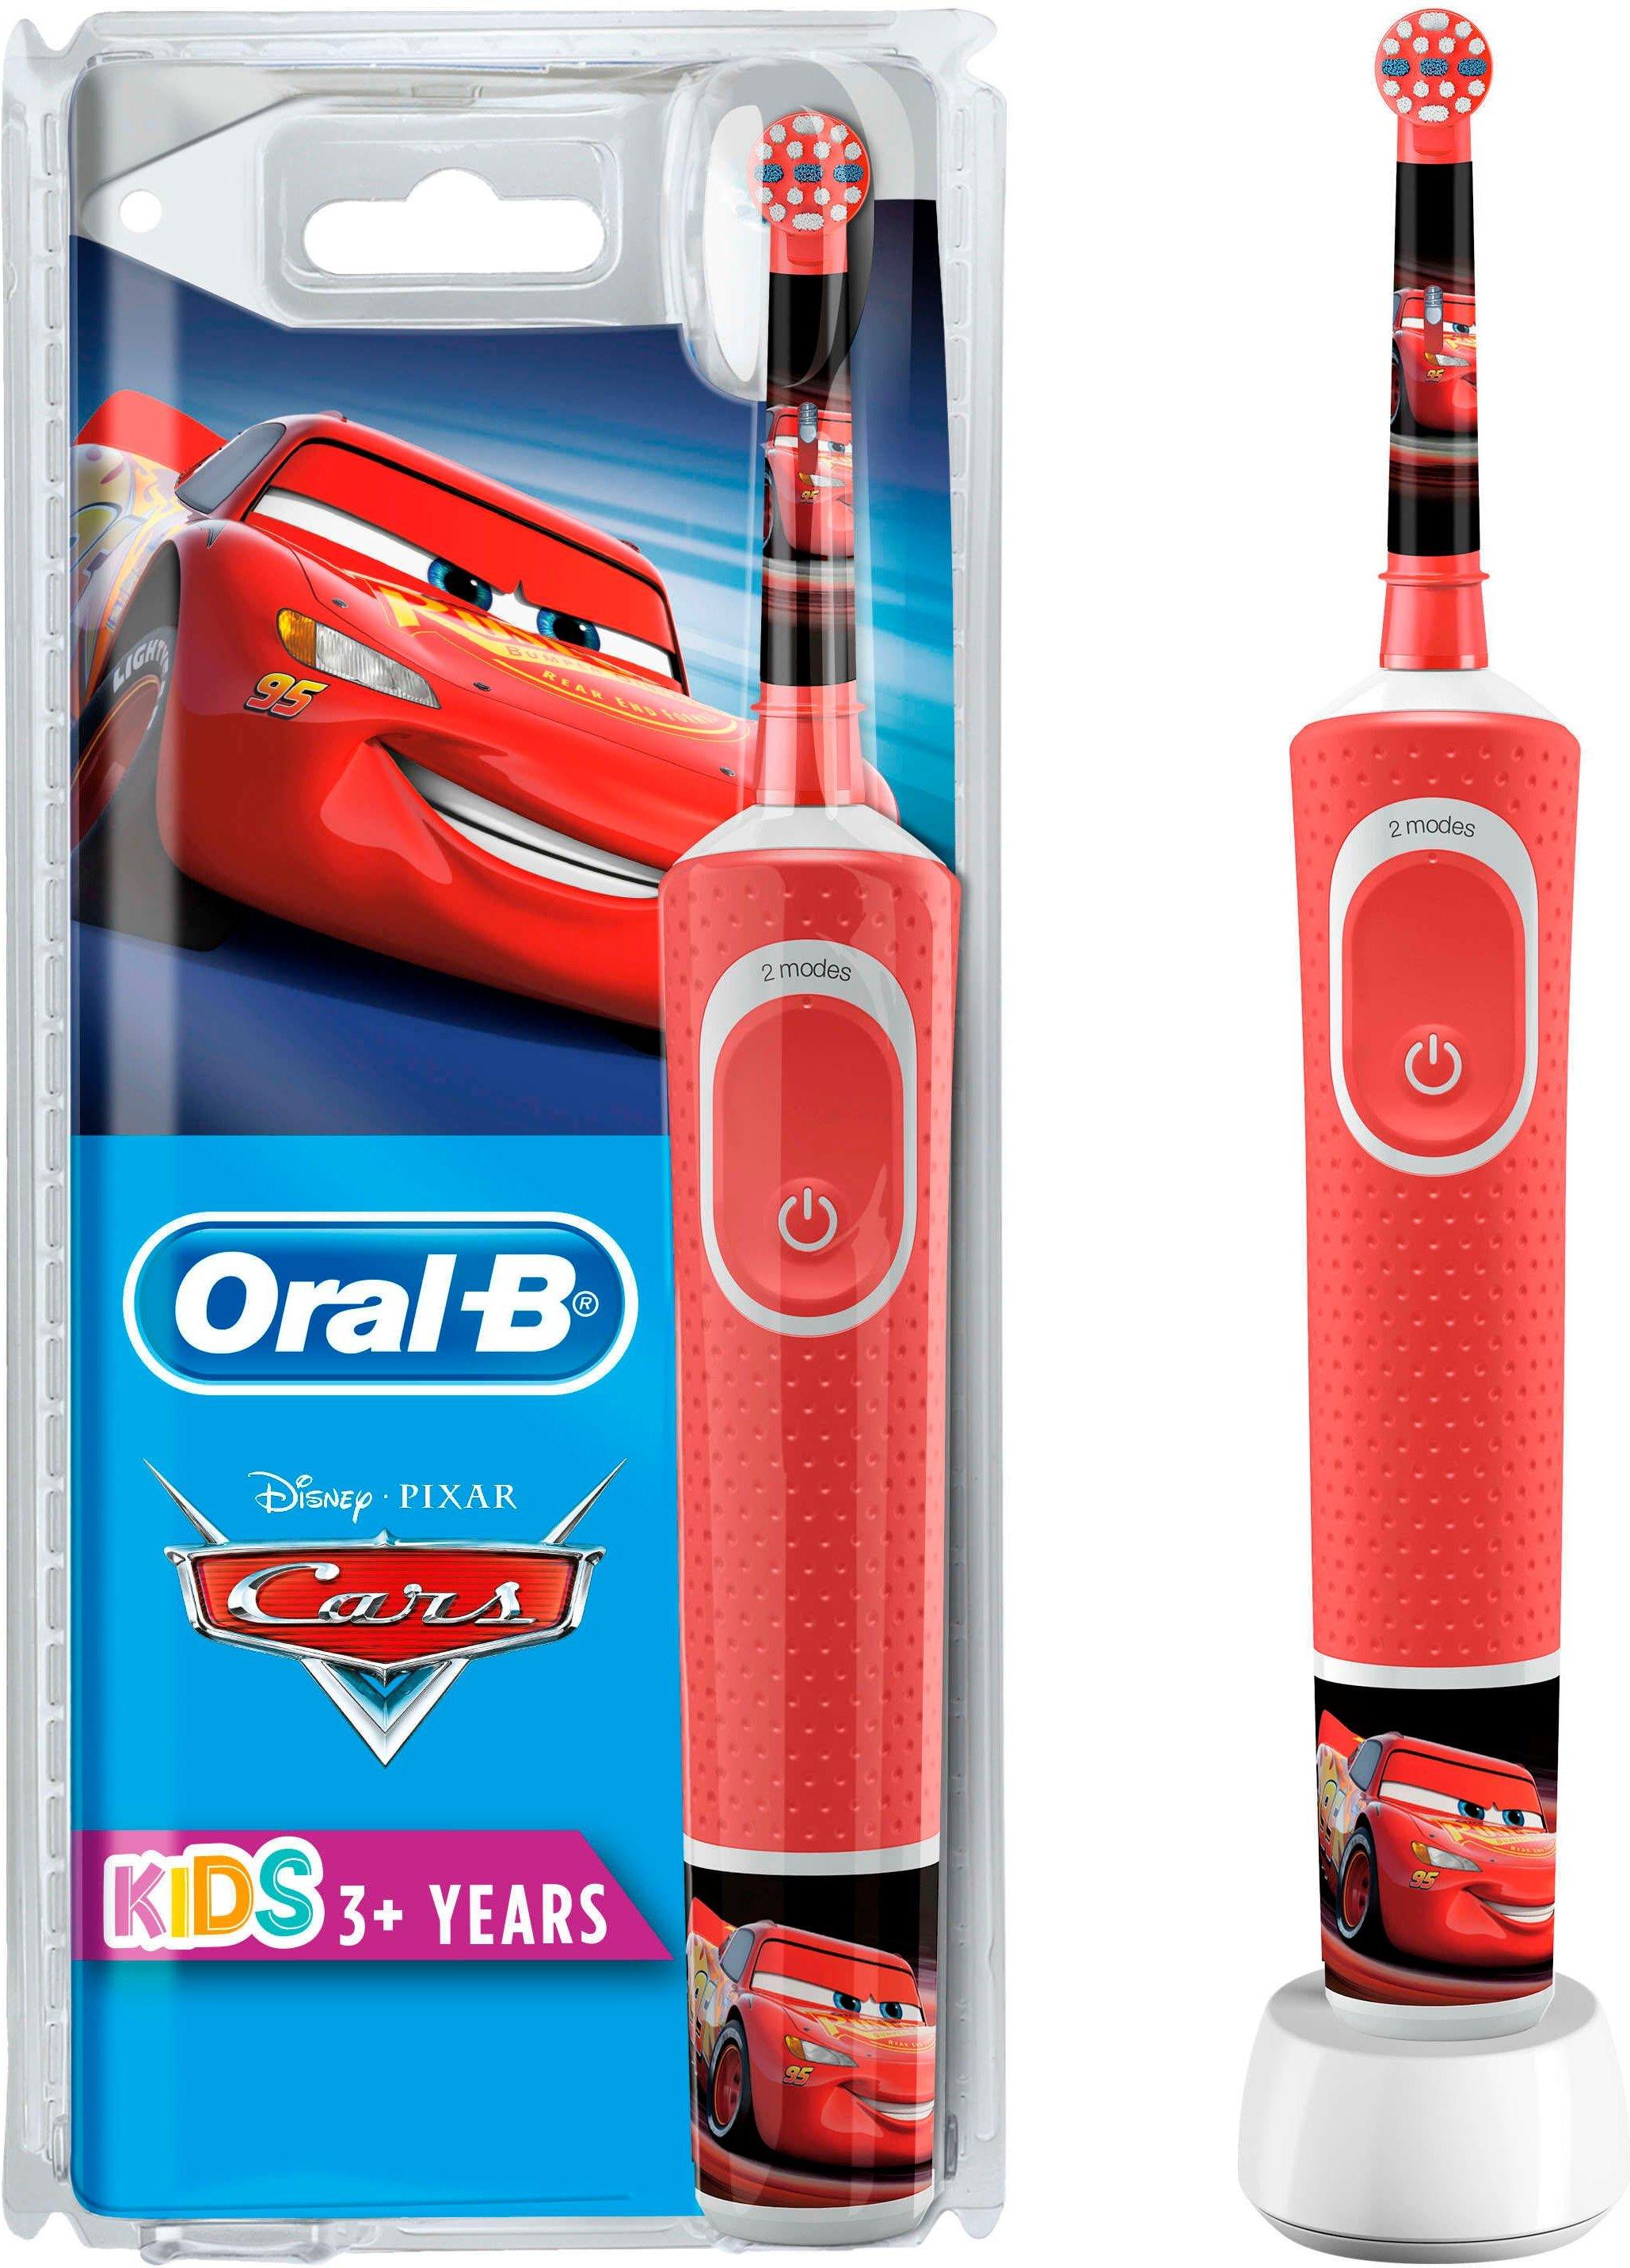 Oral B Elektrische Kinderzahnbürste Cars Aufsteckbürsten: 1 Stk